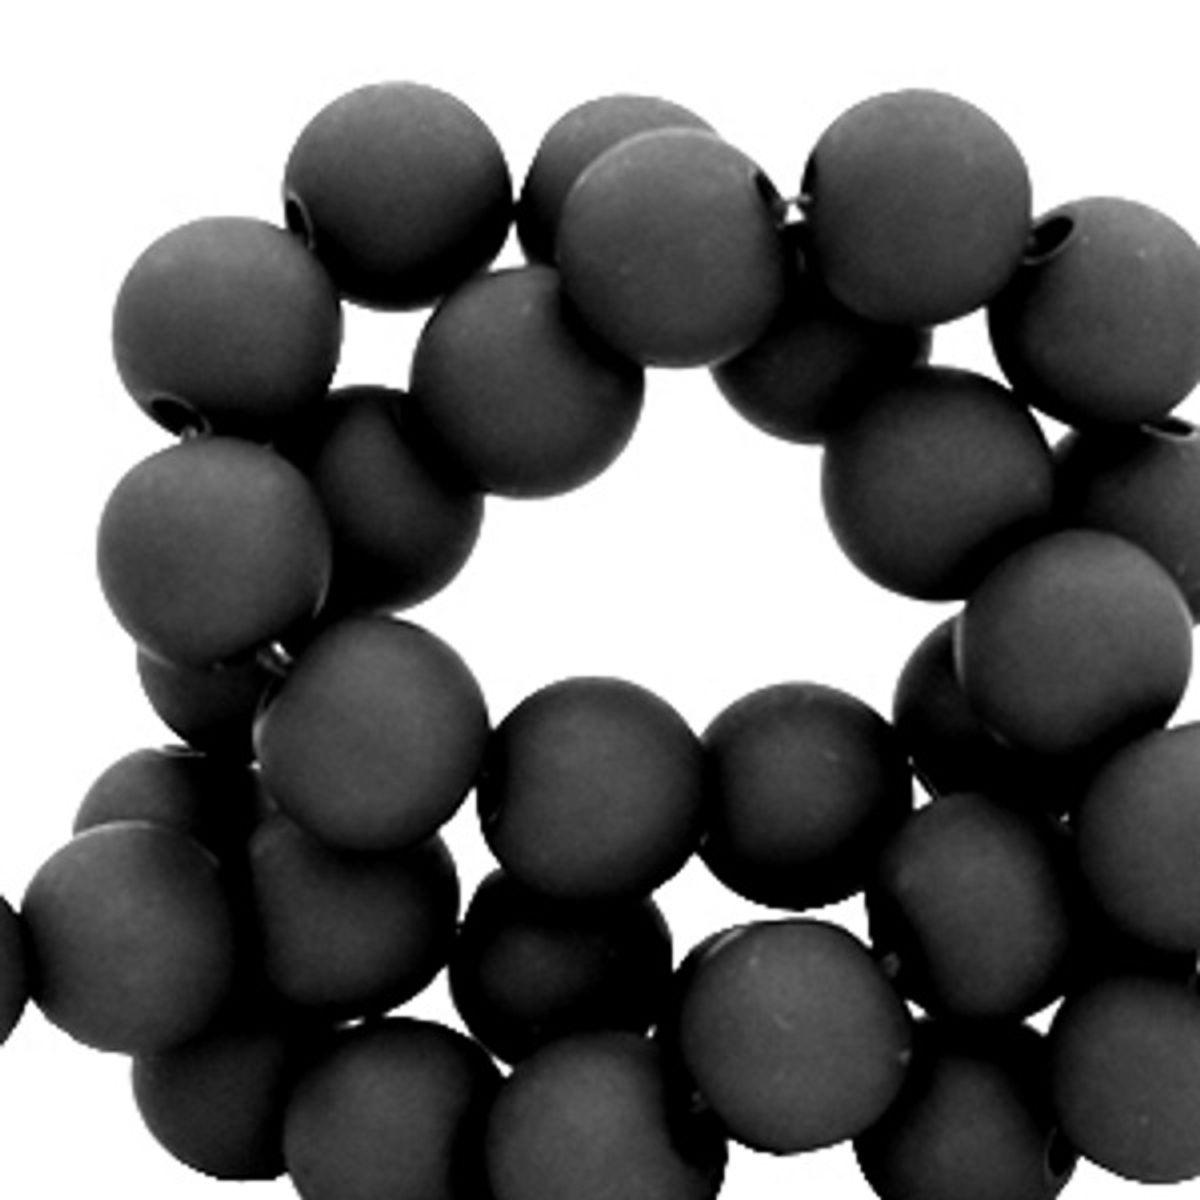 Sadingo Acrylperlen matt schwarz, 4, 6, 8, 10 mm